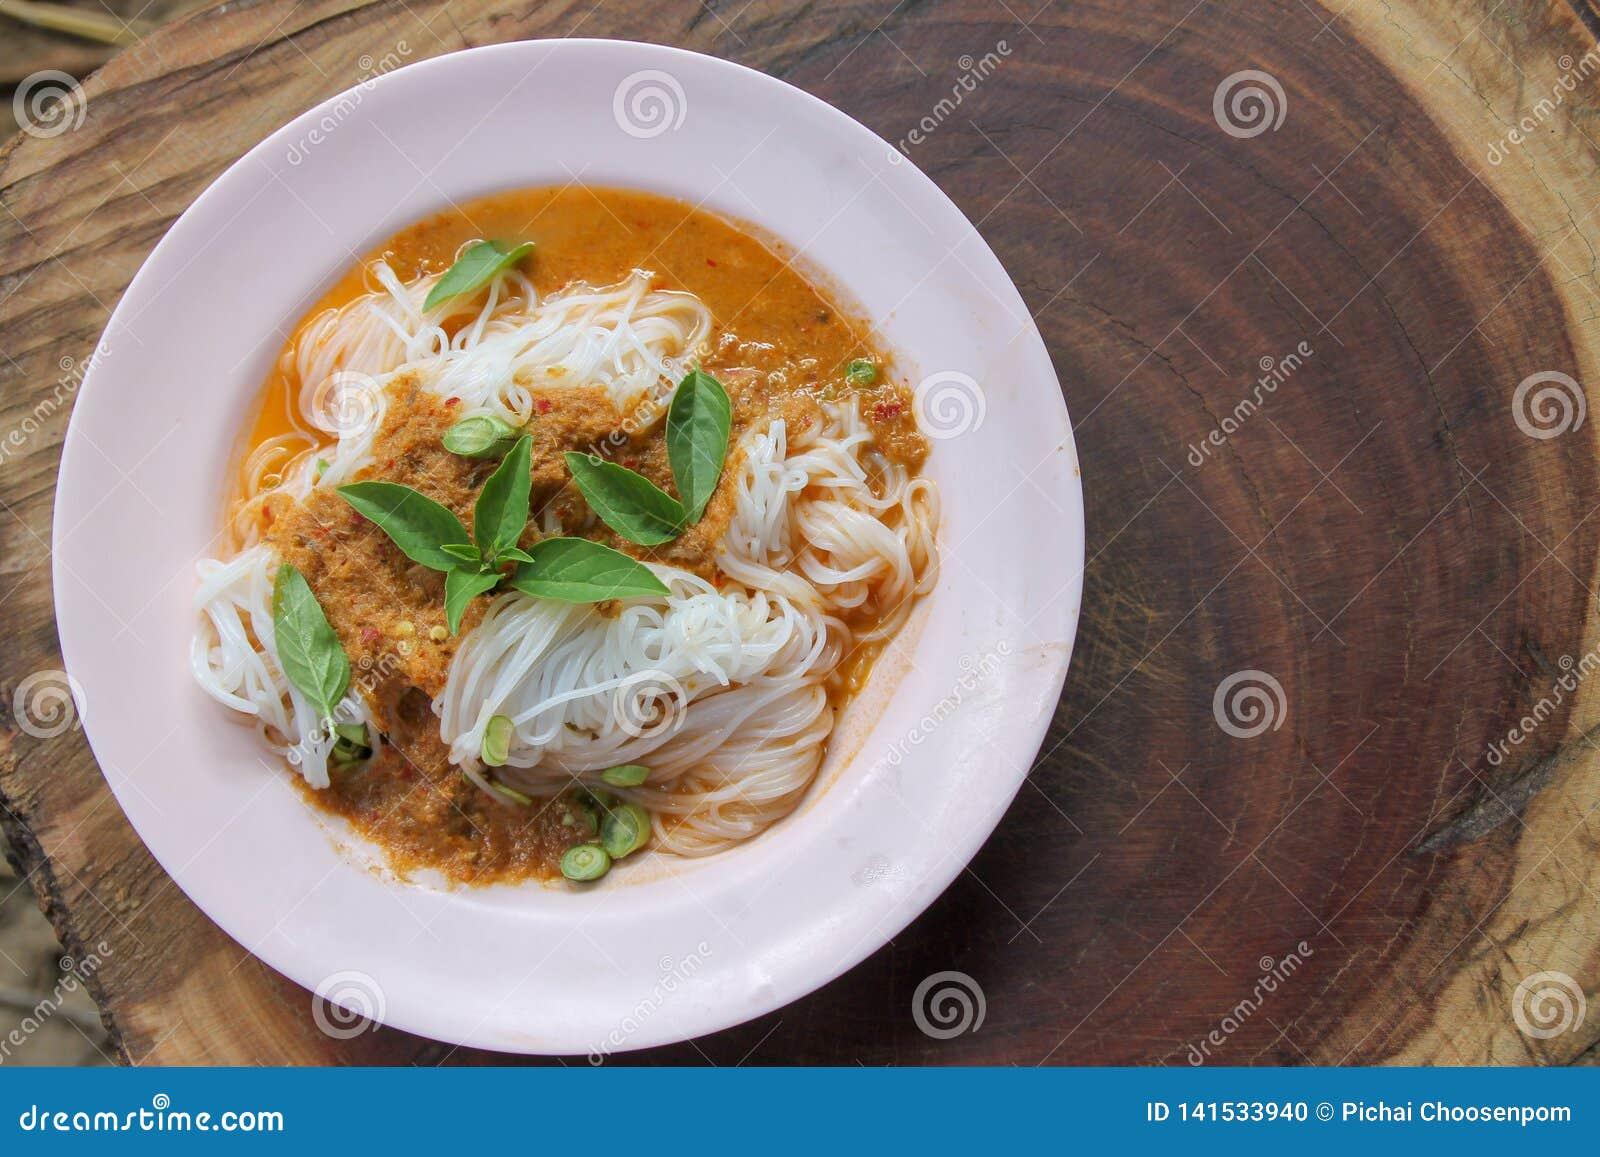 Traditionelle thailändische Küche, Reissuppennudeln gegessen mit grünem Curry